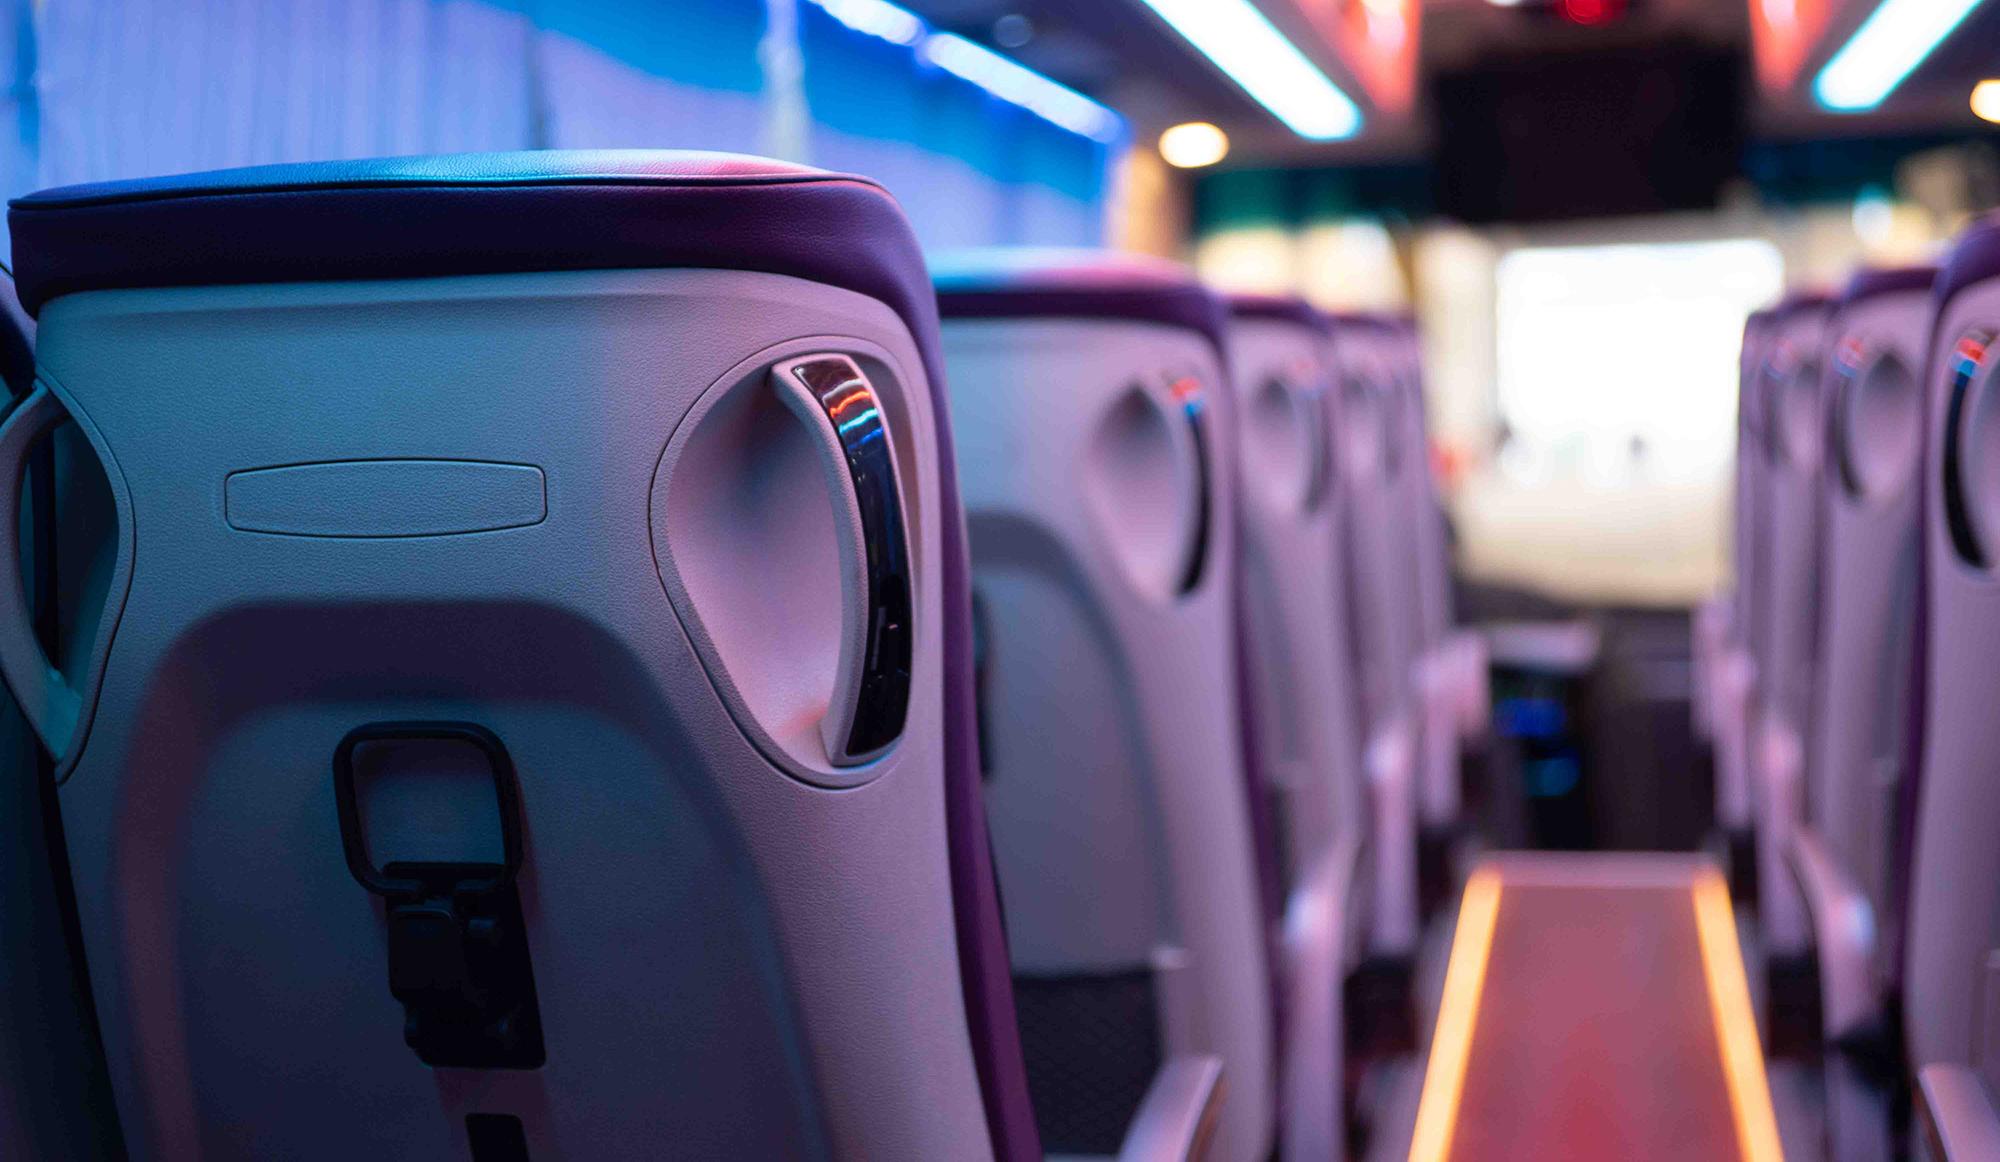 Ghế hành khách có cổng sạc điện thoại